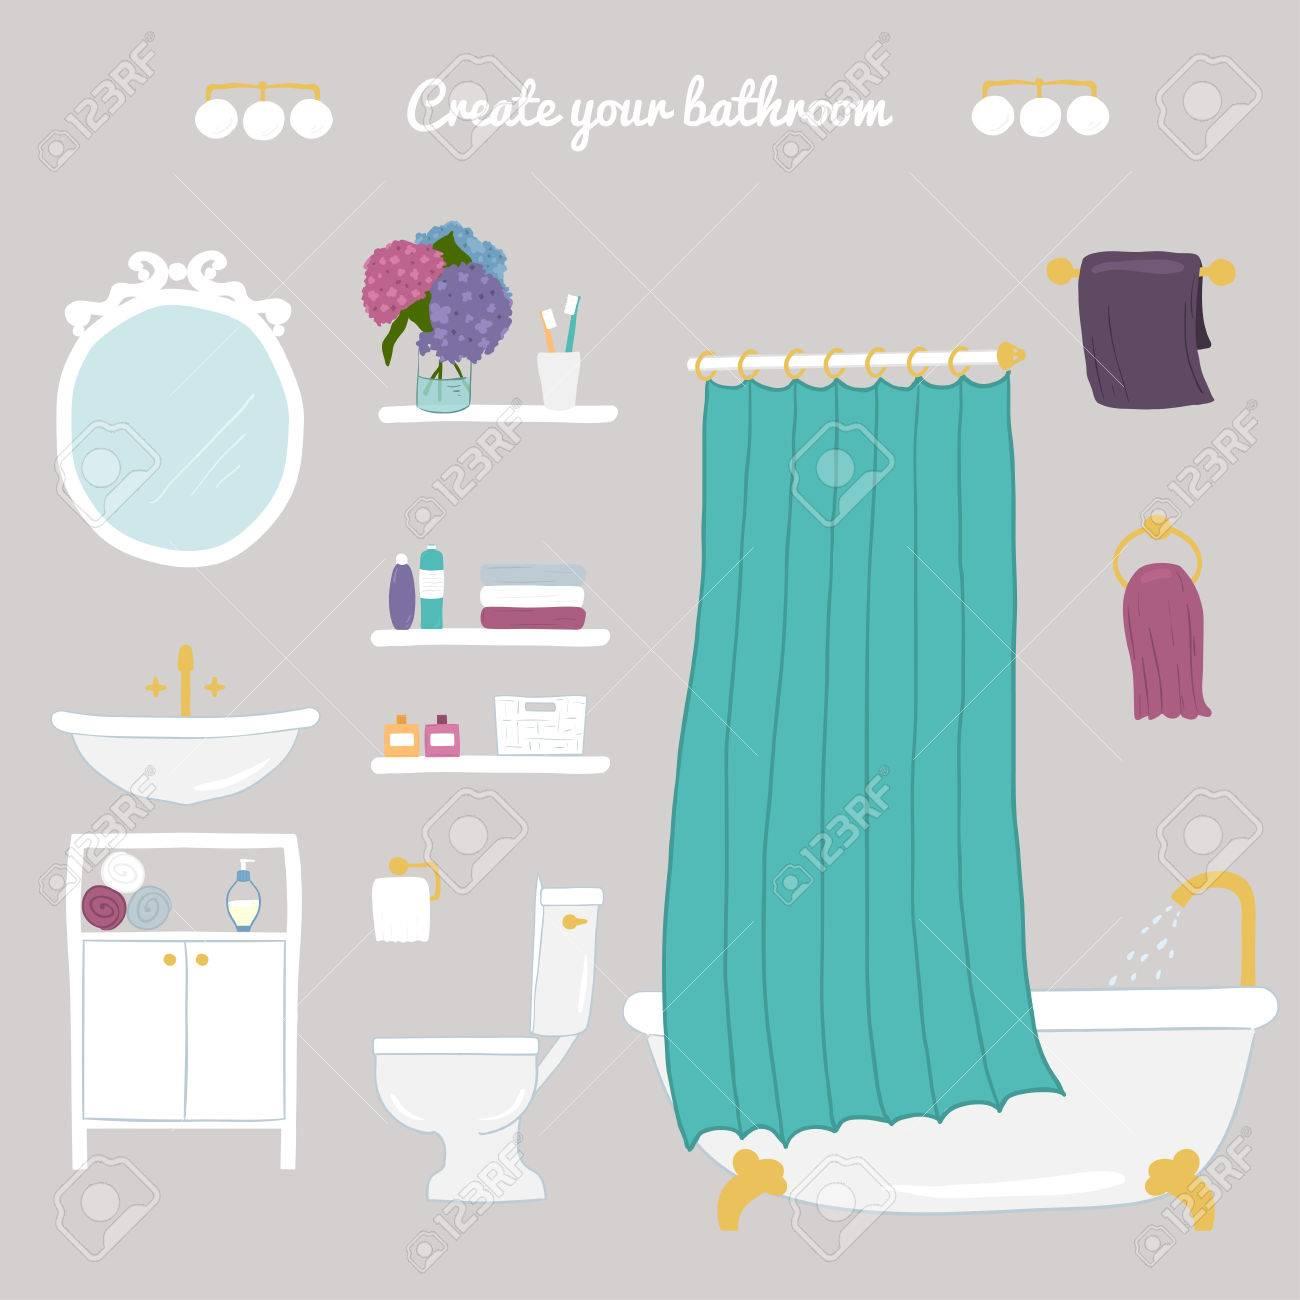 Erstellen Sie Ihr Badezimmer Set Von Vektor Bad Und Korperpflege